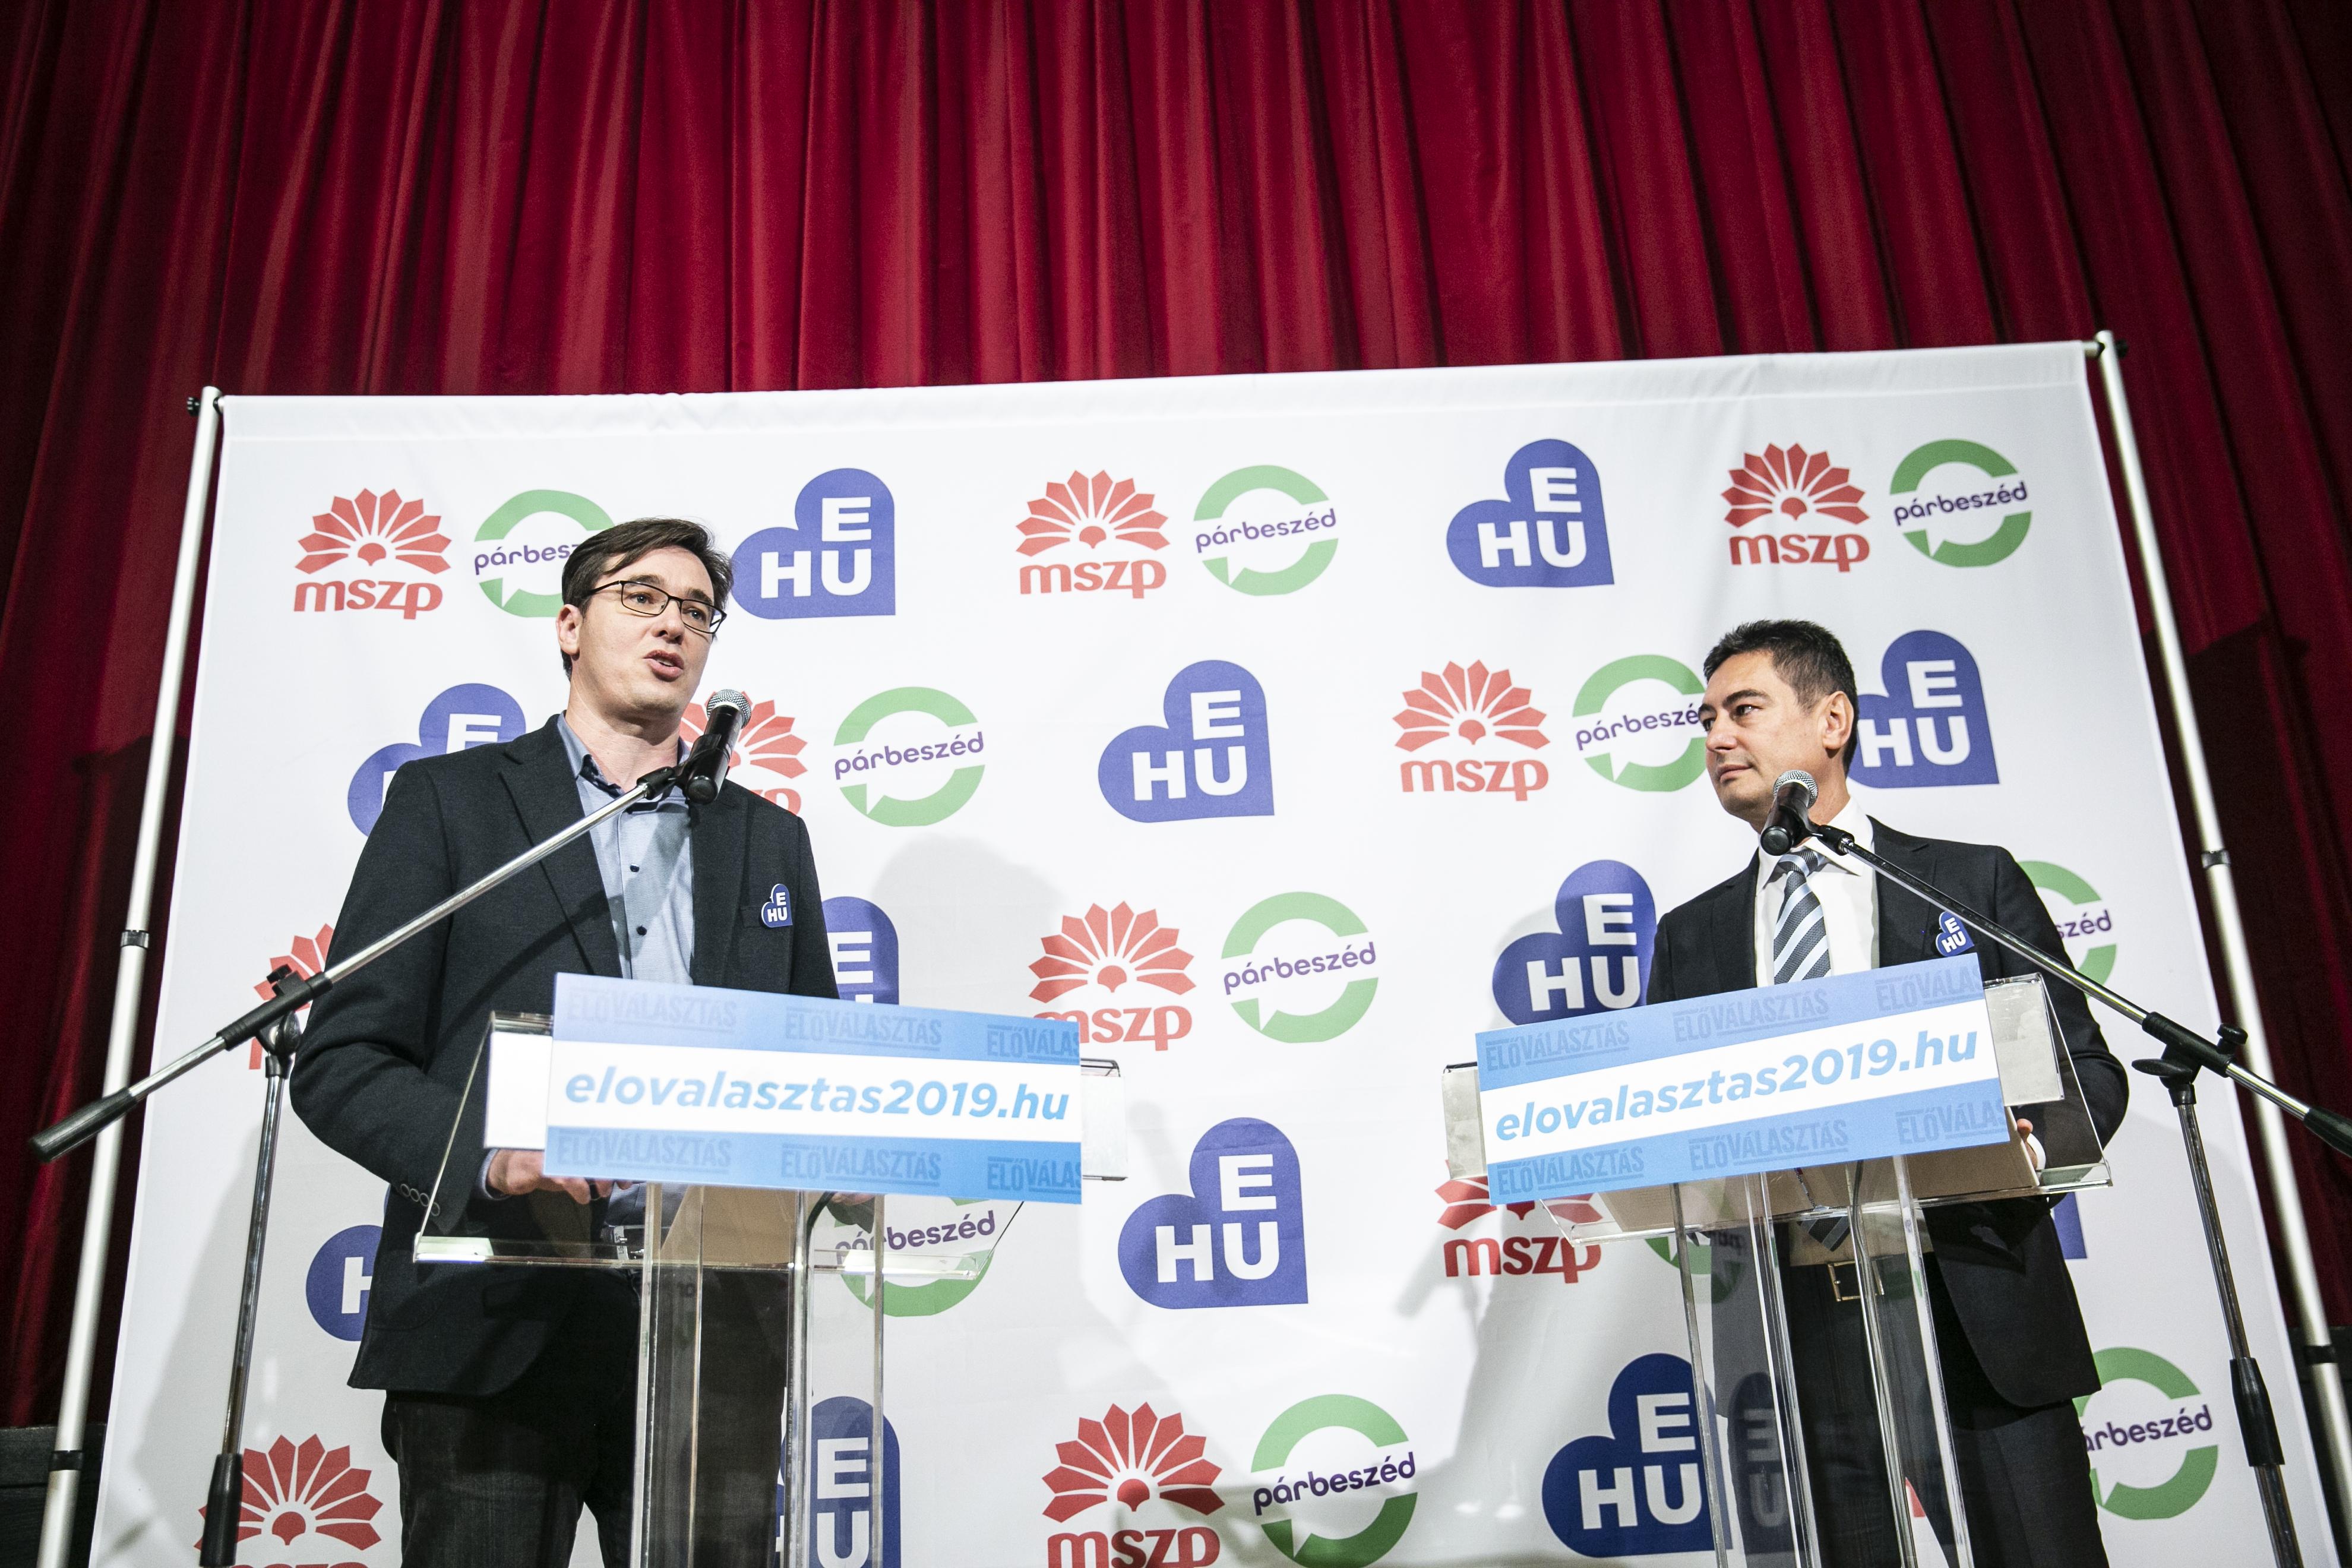 Ahhoz, hogy kormányváltás legyen 2022-ben, győznie kell az ellenzéknek Budapesten 2019-ben